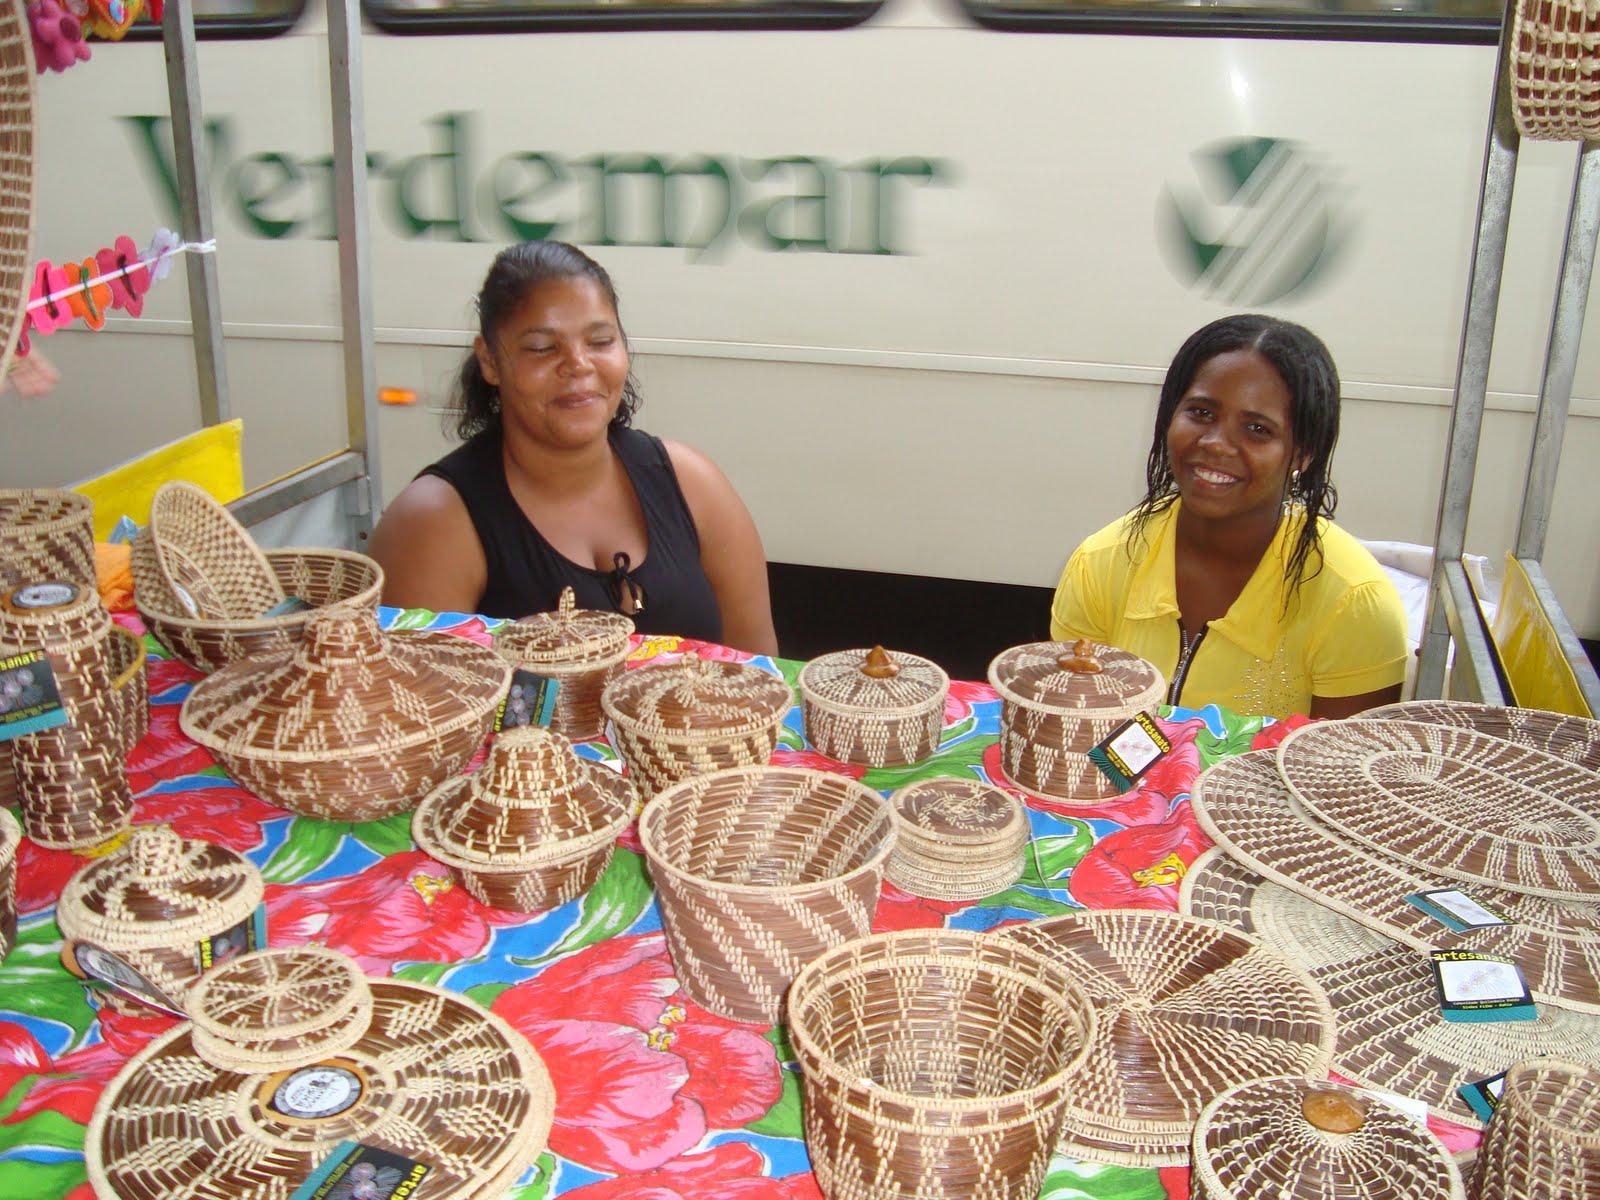 Artesanato Da Região Sul Rendas ~ Conheça a arte da piaçava A palha que vira artesanato na Bahia Arteblog